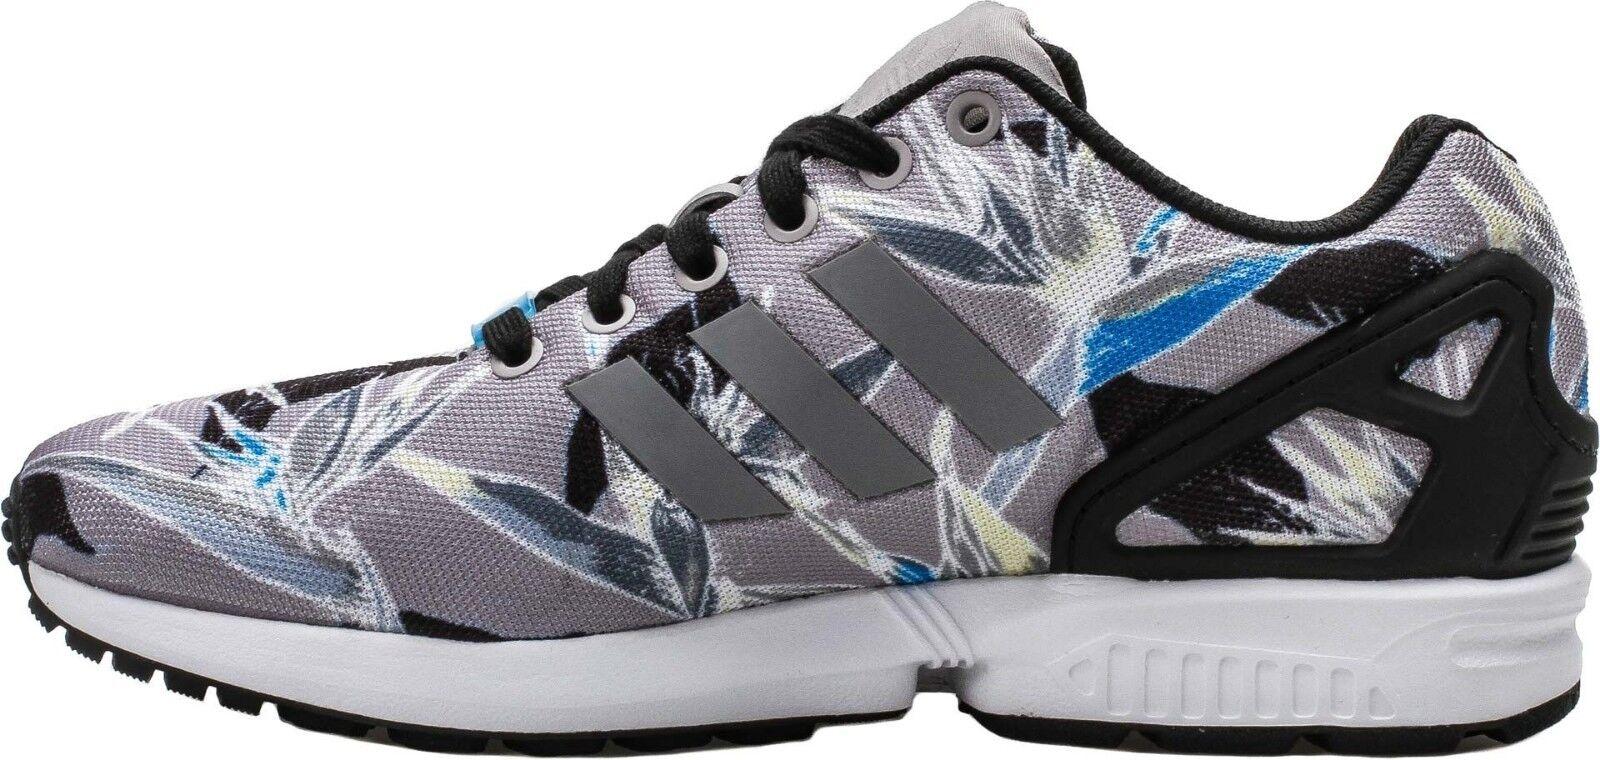 Adidas Original Men's ZX FLUX Shoes NEW AUTHENTIC Light Onyx/White/Floral B34519 1